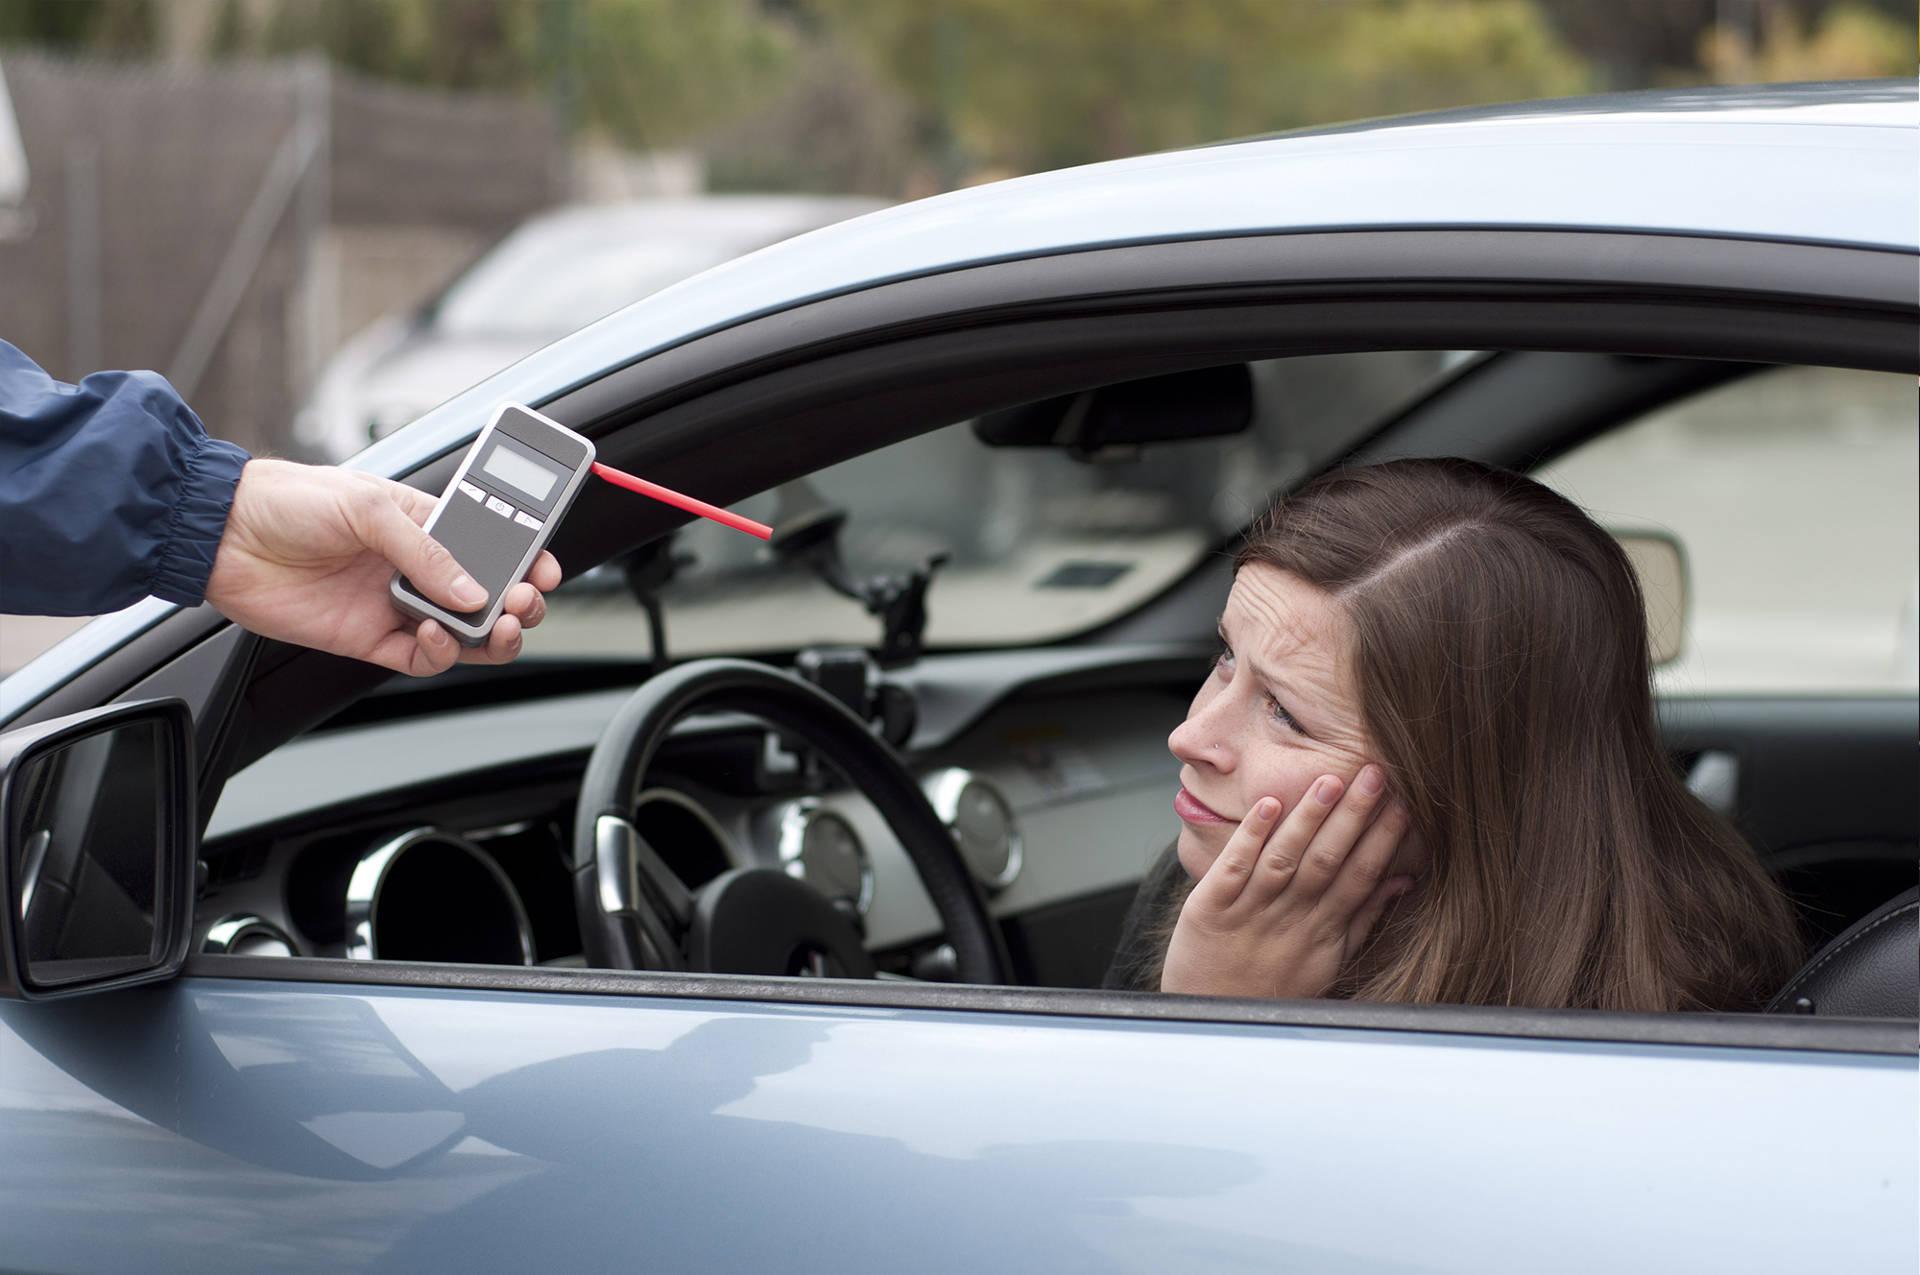 Sospensione della patente per guida in stato di ebbrezza